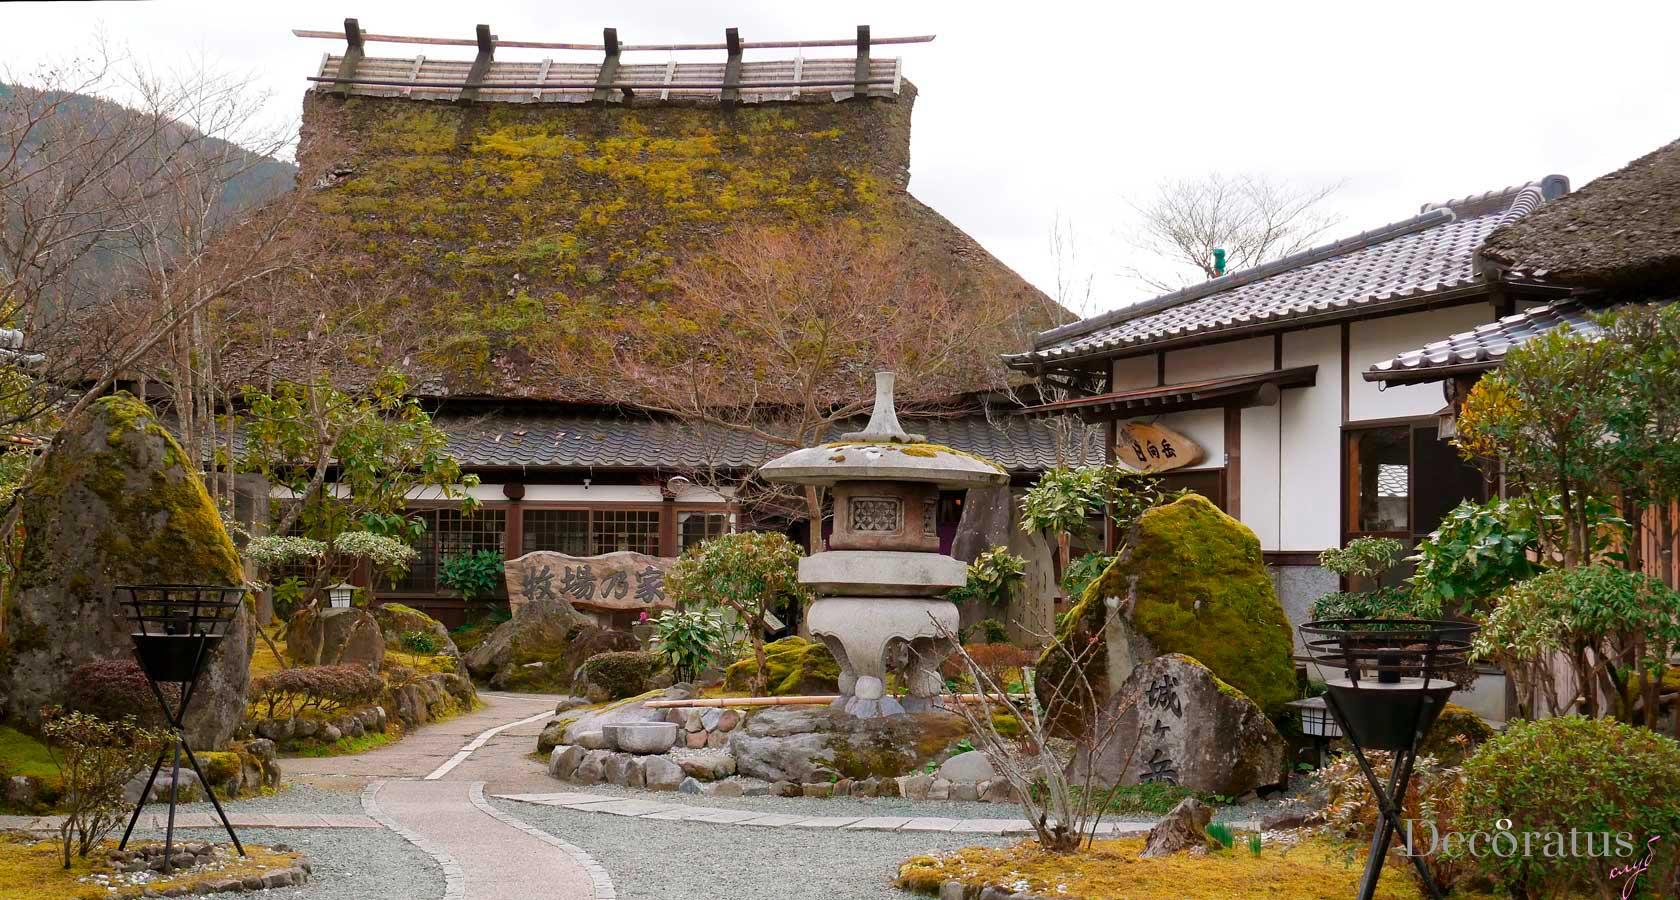 японский рекан - гостиница в традиционном японском стиле